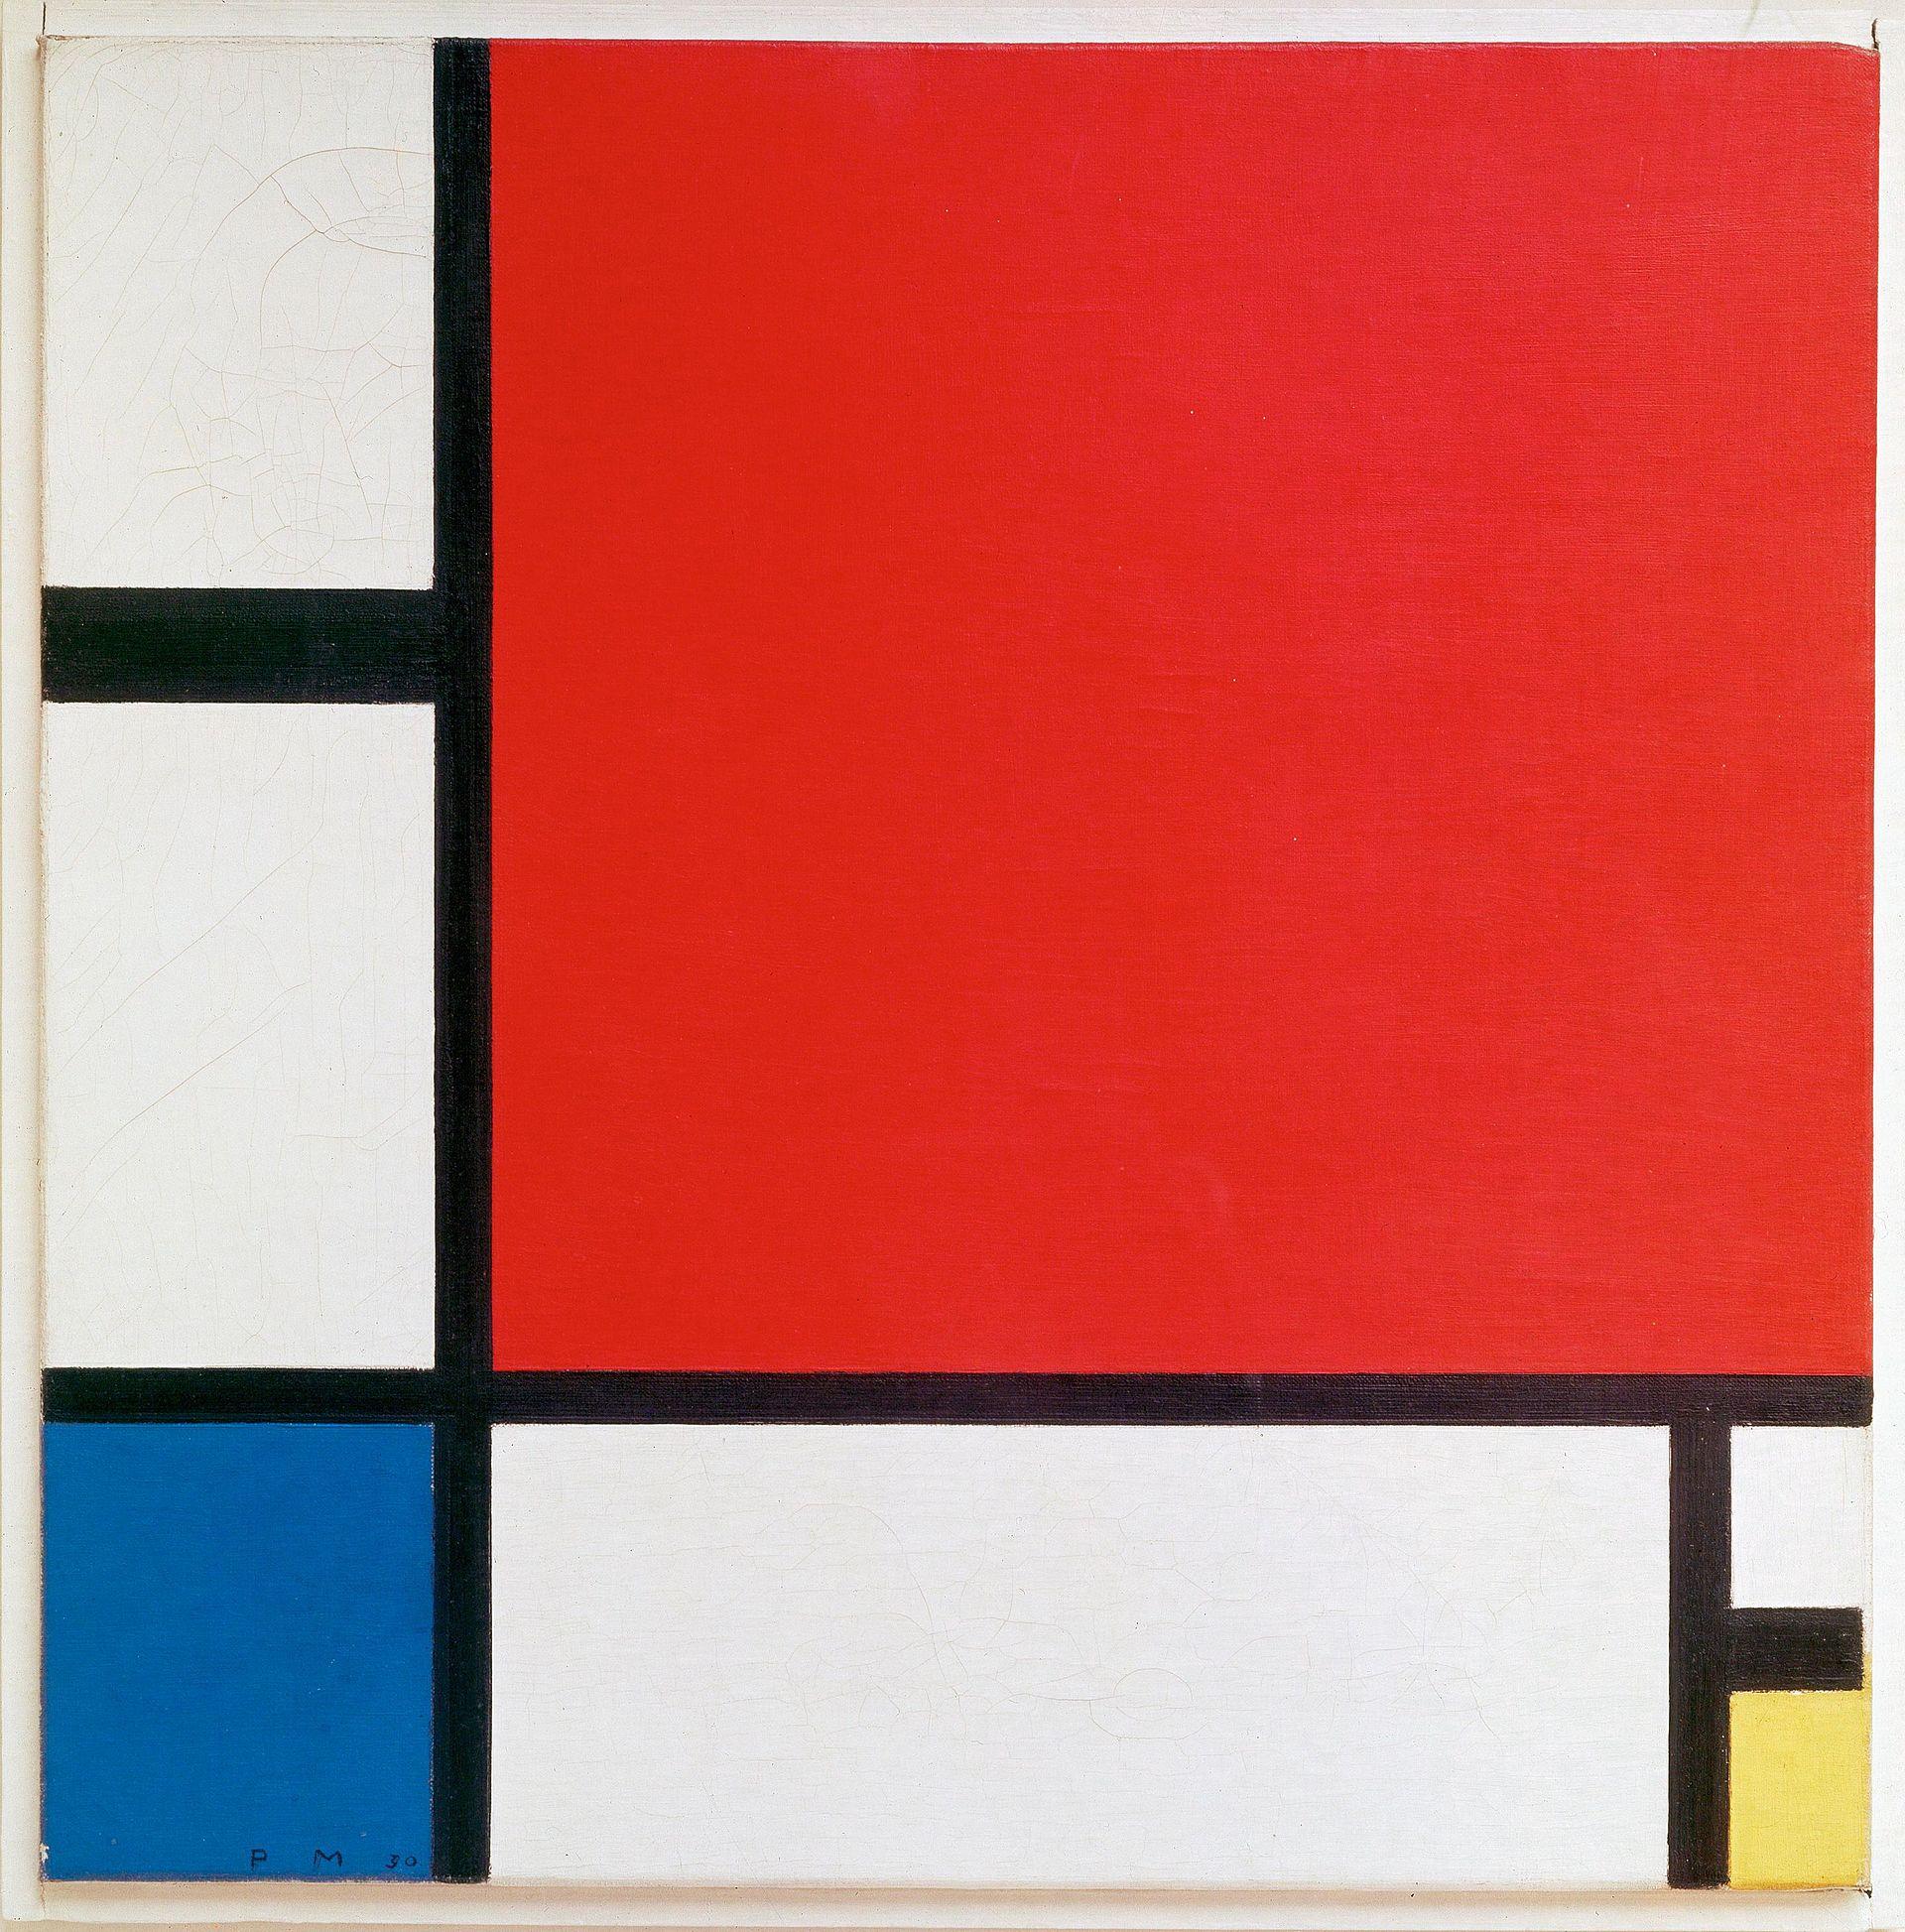 (图八)艺术家蒙德里安的作品-红黄蓝构成